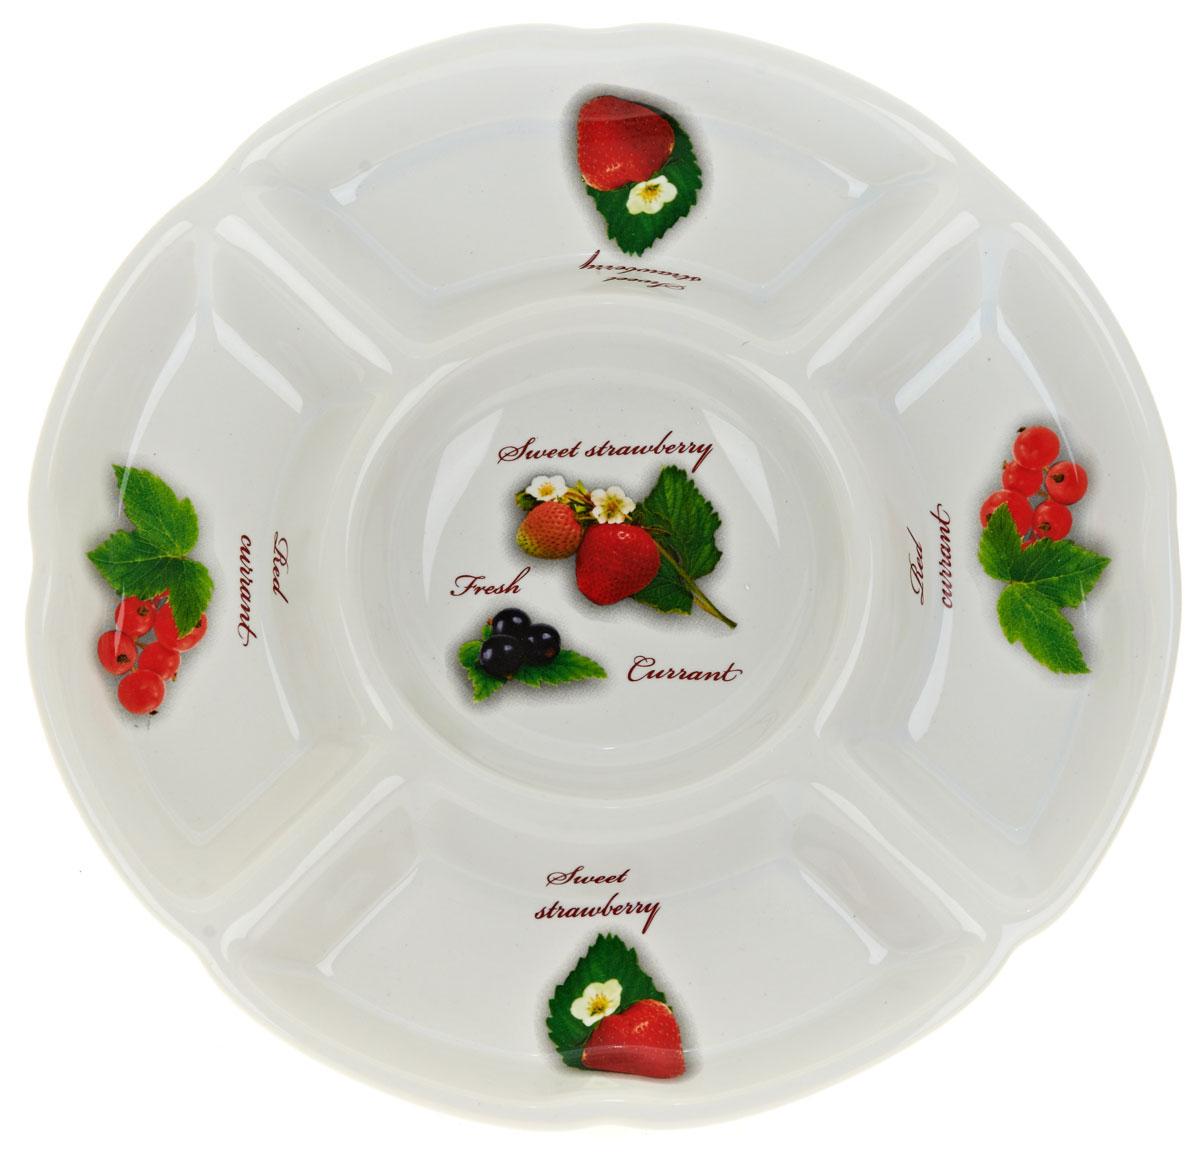 Менажница ENS Group Садовая ягода, 5 секций, диаметр 24 см. L2520284L2520284Менажница Садовая ягода, изготовленная из высококачественной керамики. Менажница состоит из 5 секций, предназначенных для подачи сразу нескольких видов закусок, нарезок, соусов и варенья.Оригинальная менажница станет настоящим украшением праздничного стола и подчеркнет ваш изысканный вкус.Можно мыть в посудомоечной машине.